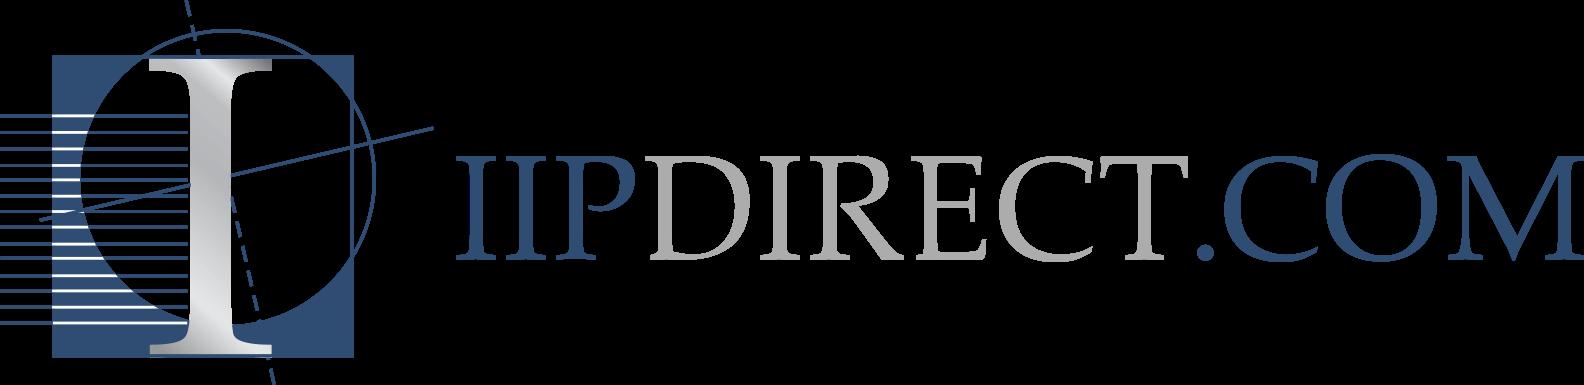 IIPDIRECT.com